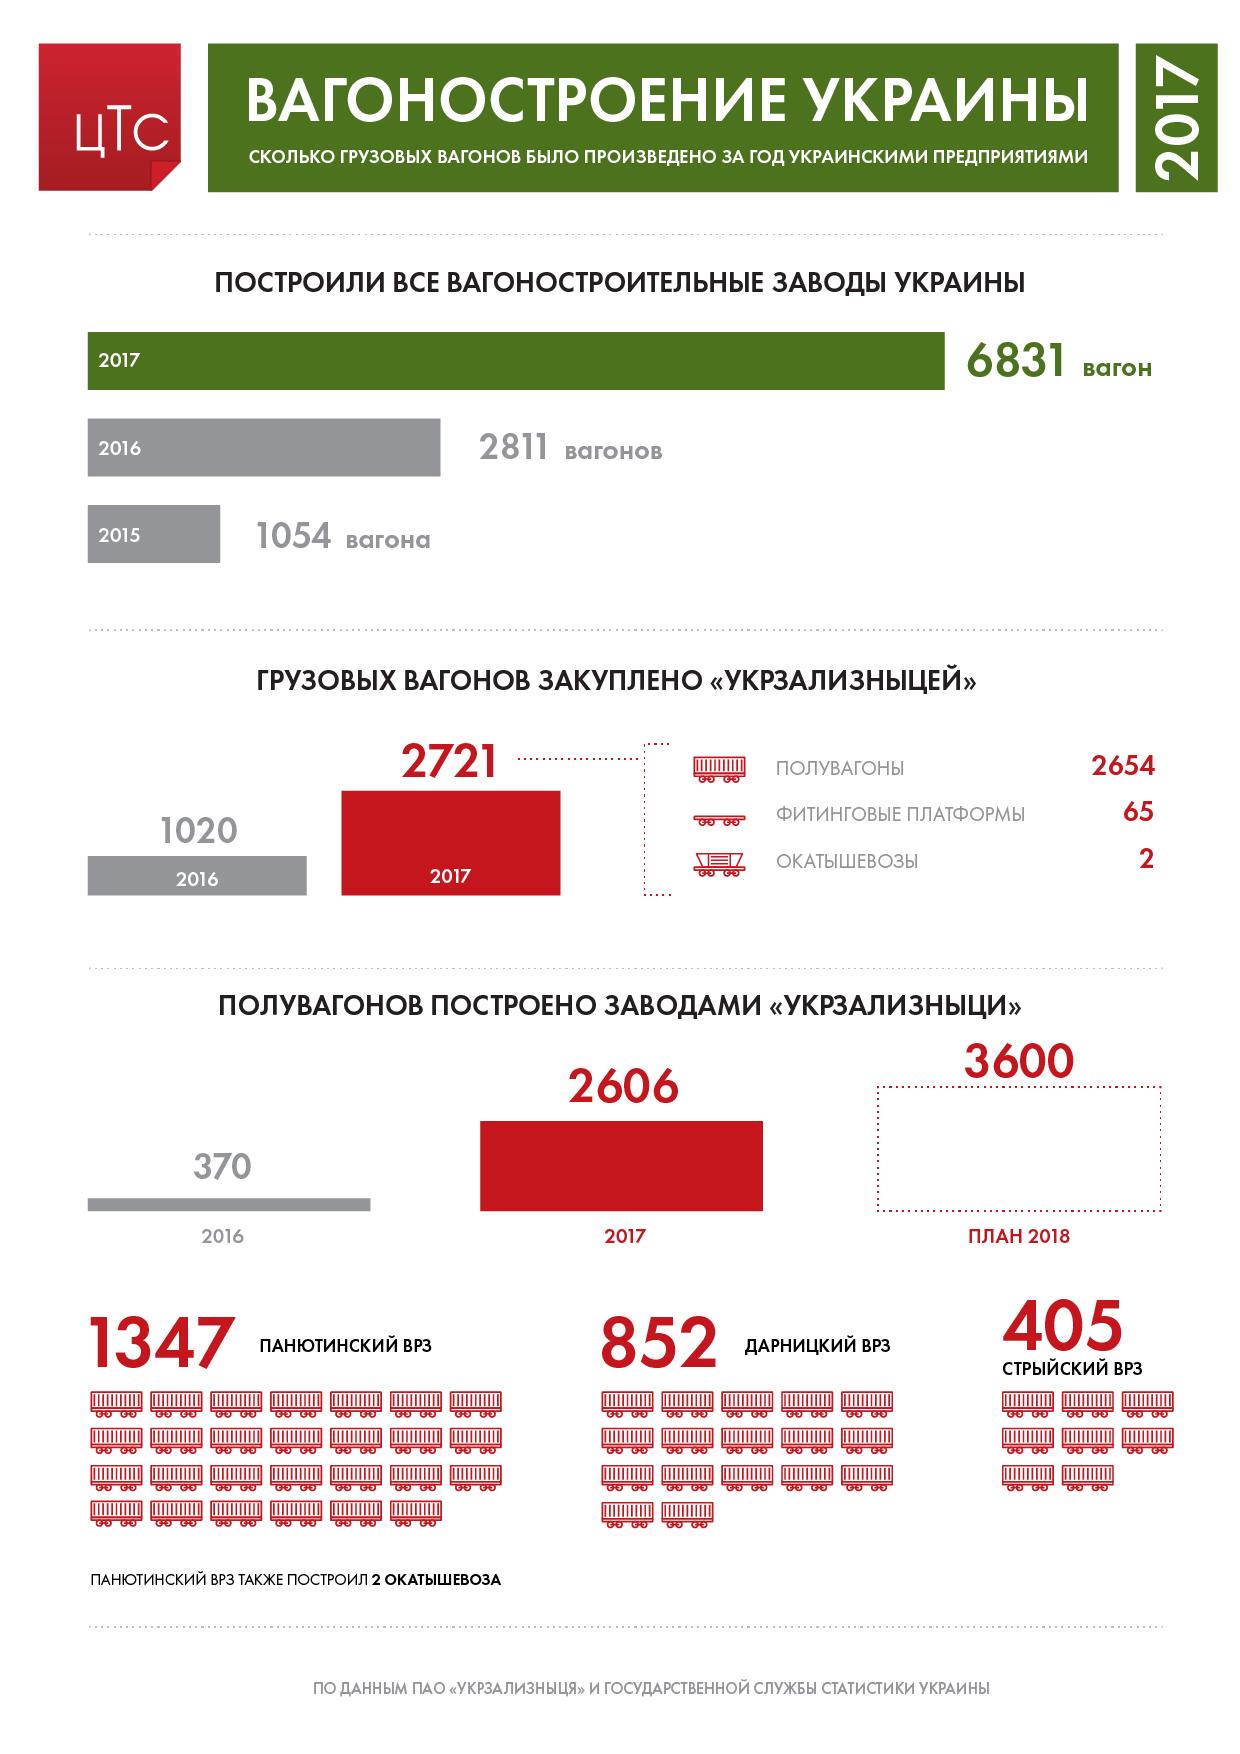 Грузовые вагоны: сколько построили в 2017 году